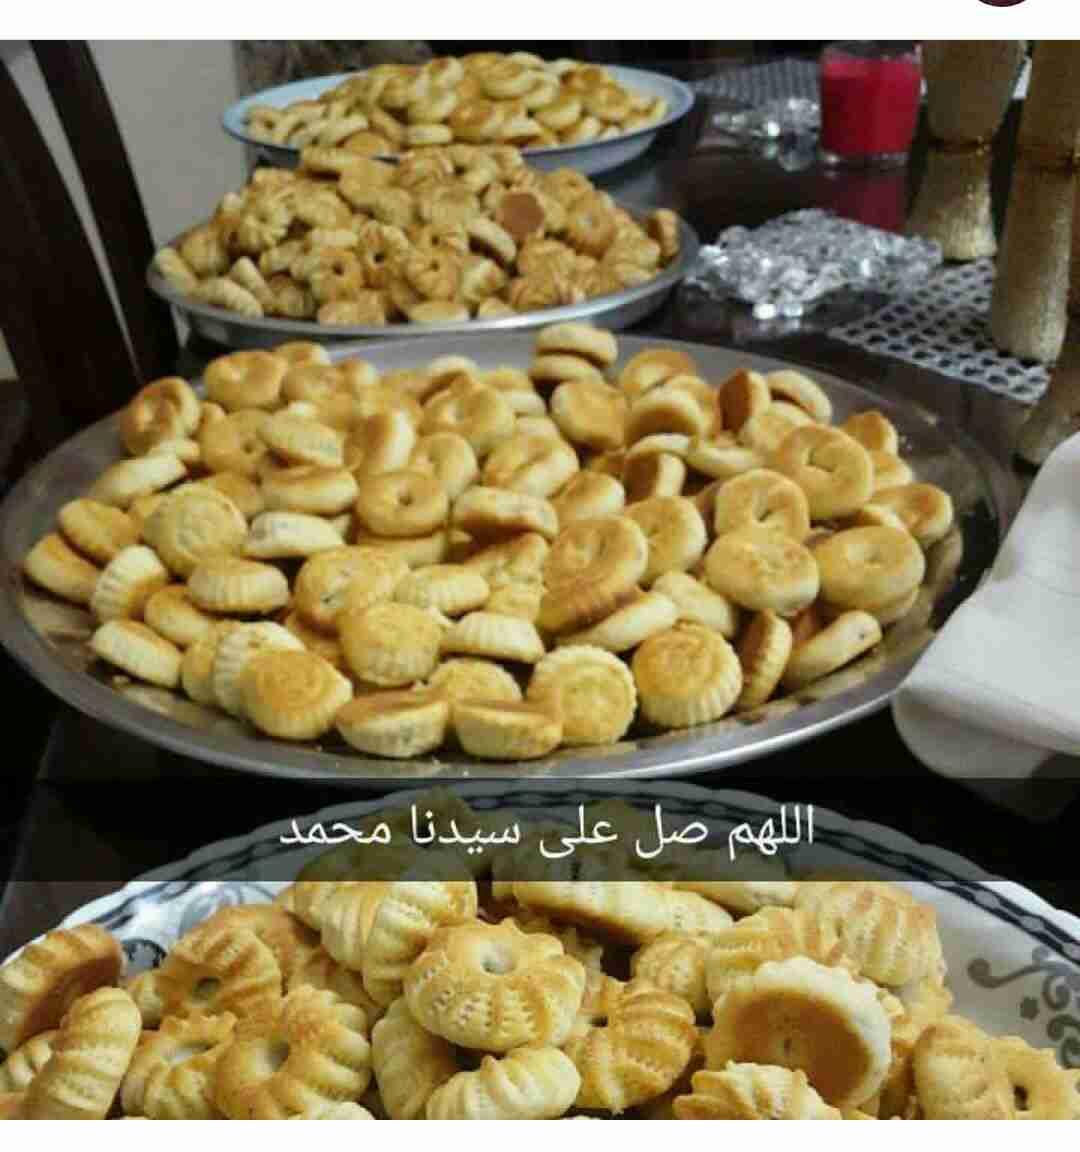 مسابقه ملكة وصفات ماما كعكات العيد بالسميد من ماما